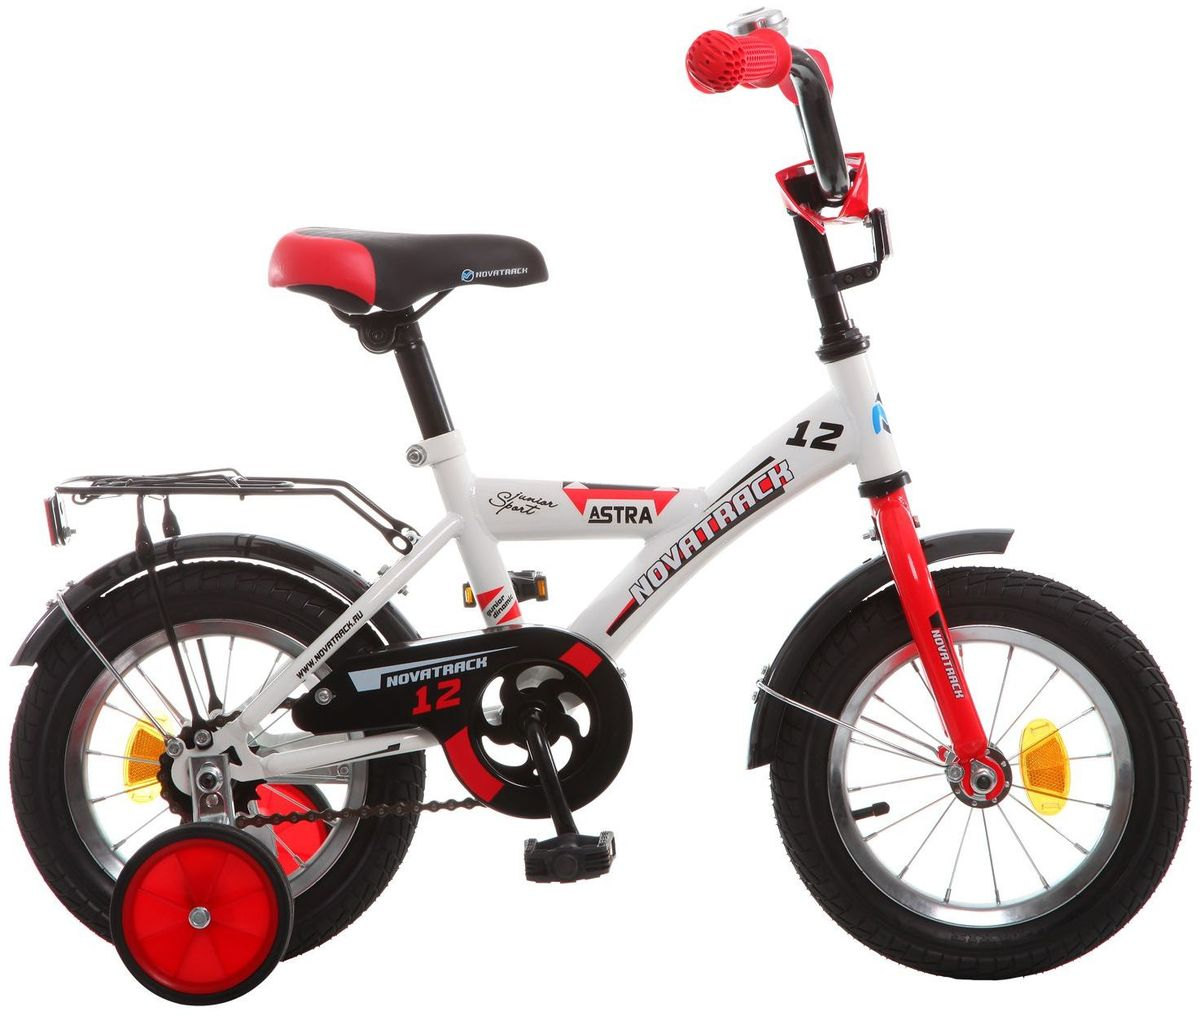 Велосипед детский Novatrack Astra, цвет: белый, красный, черный, 12123ASTRA.WT5Хотите, чтобы ваш ребенок играя укреплял здоровье? Тогда ему нужен удобный и надежный велосипед Novatrack Astra, рассчитанный на малышей 2-4 лет. Одного взгляда малыша хватит, чтобы раз и навсегда влюбиться в свой новенький двухколесный транспорт, который сначала можно назвать и четырехколесным. Дополнительную устойчивость железному коню обеспечивают два маленьких съемных колеса в цвет велосипеда. Велосипед собран на базе рамы с универсальной геометрией, которая позволяет легко взобраться или слезть с велосипеда, при этом велосипед имеет такой вес, что маленький ребенок сам легко справляется со своим транспортным средством. Так как велосипед предназначен для самых маленьких, предусмотрен ограничитель поворота руля, который не позволит сильно завернуть руль и упасть. Еще один элемент безопасности – это защита цепи, которая оберегает одежду и ноги малыша от попадания в механизм. Стильные крылья защитят от грязи и брызг, а на багажнике ребенок сможет перевозить массу полезных в дороге вещей. Данная модель маневренна и легко управляется, поэтому ребенку будет несложно и интересно учиться езде.Какой велосипед выбрать? Статья OZON Гид